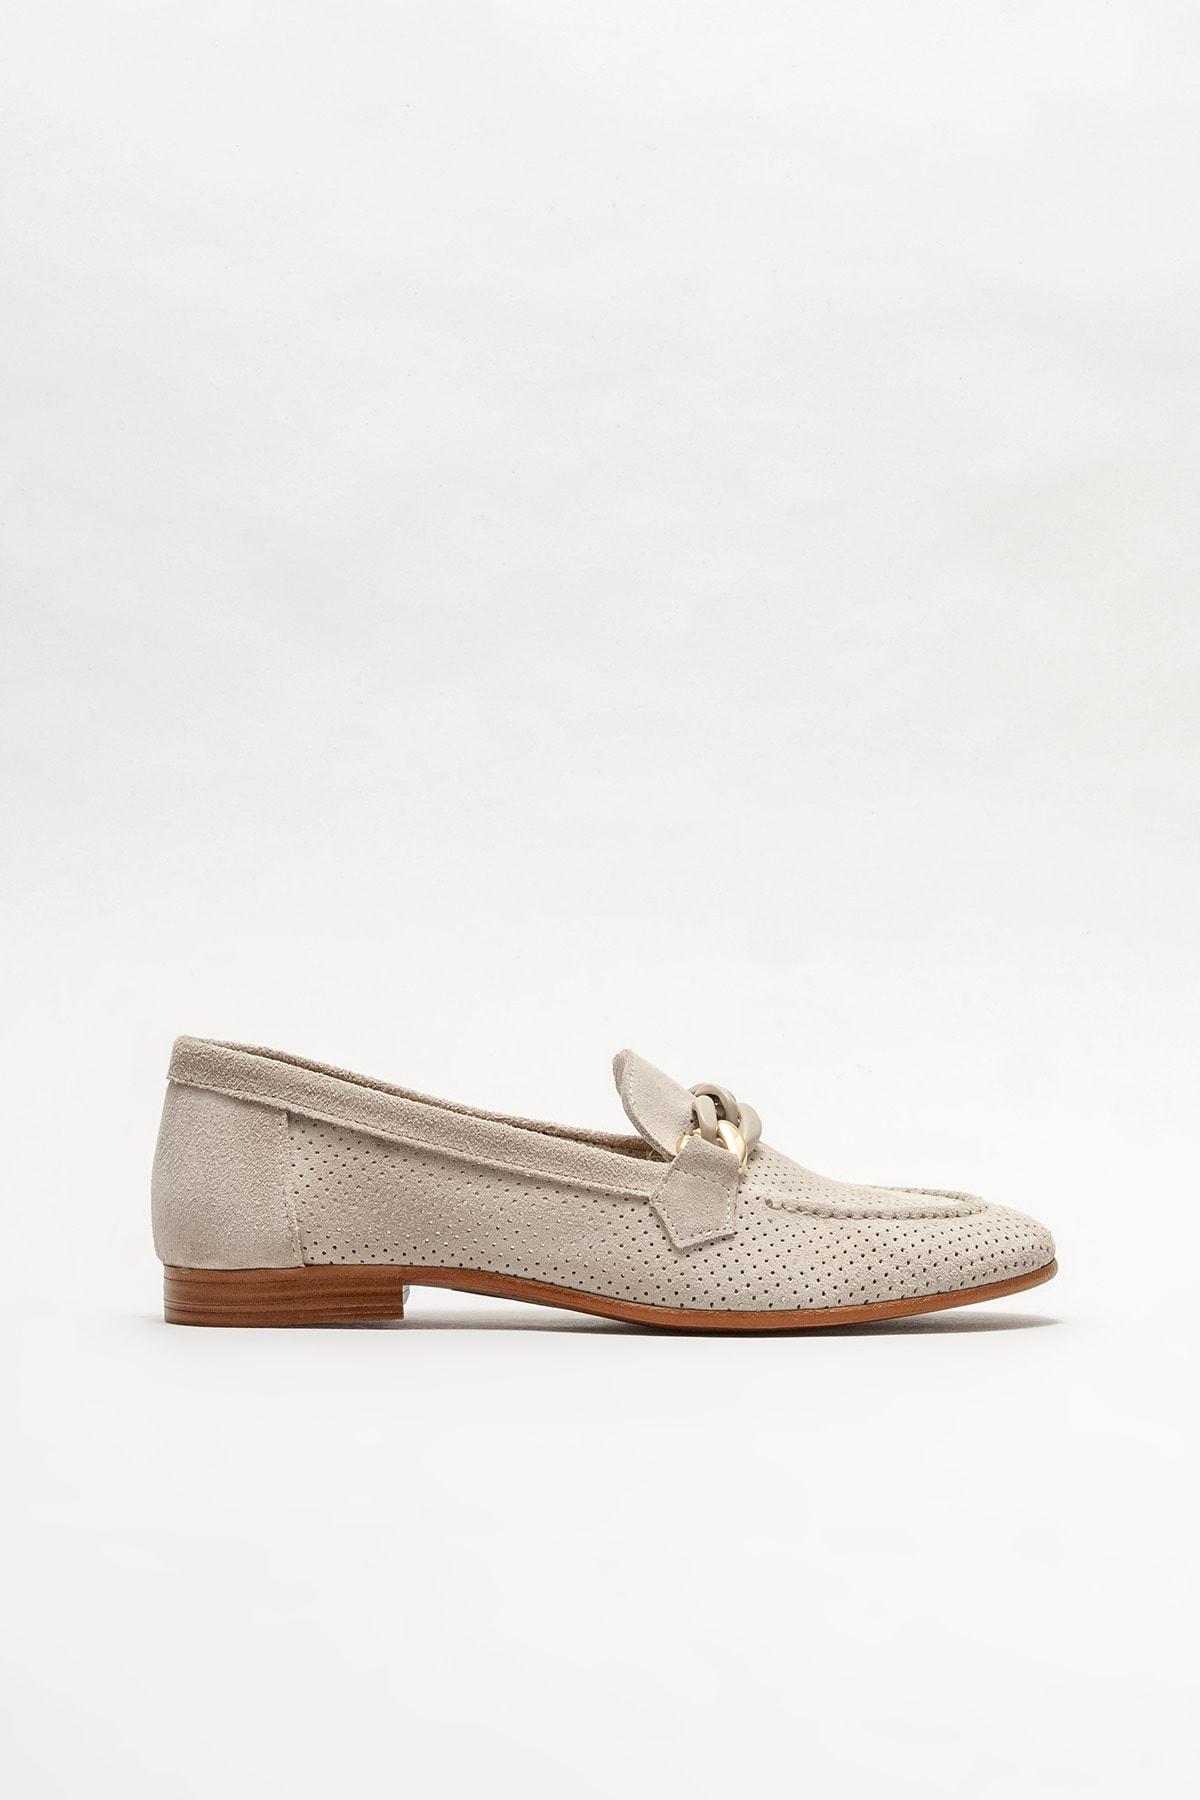 Kadın Bej Deri Loafer Ayakkabı